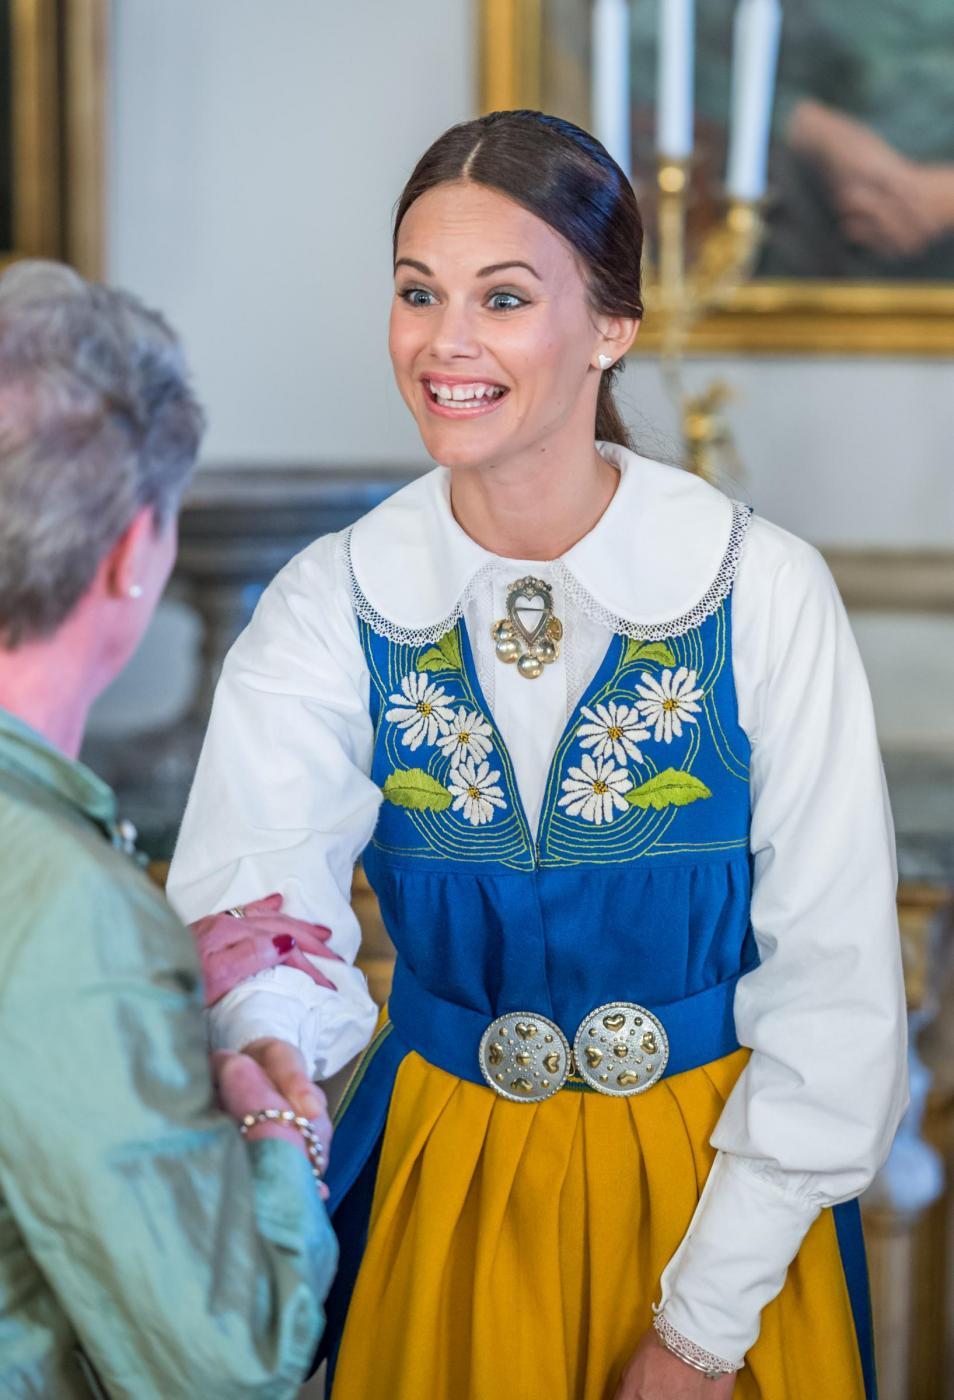 Sofia Hellqvist: chi è la donna che sposa Carlo Filippo di Svezia FOTO 15